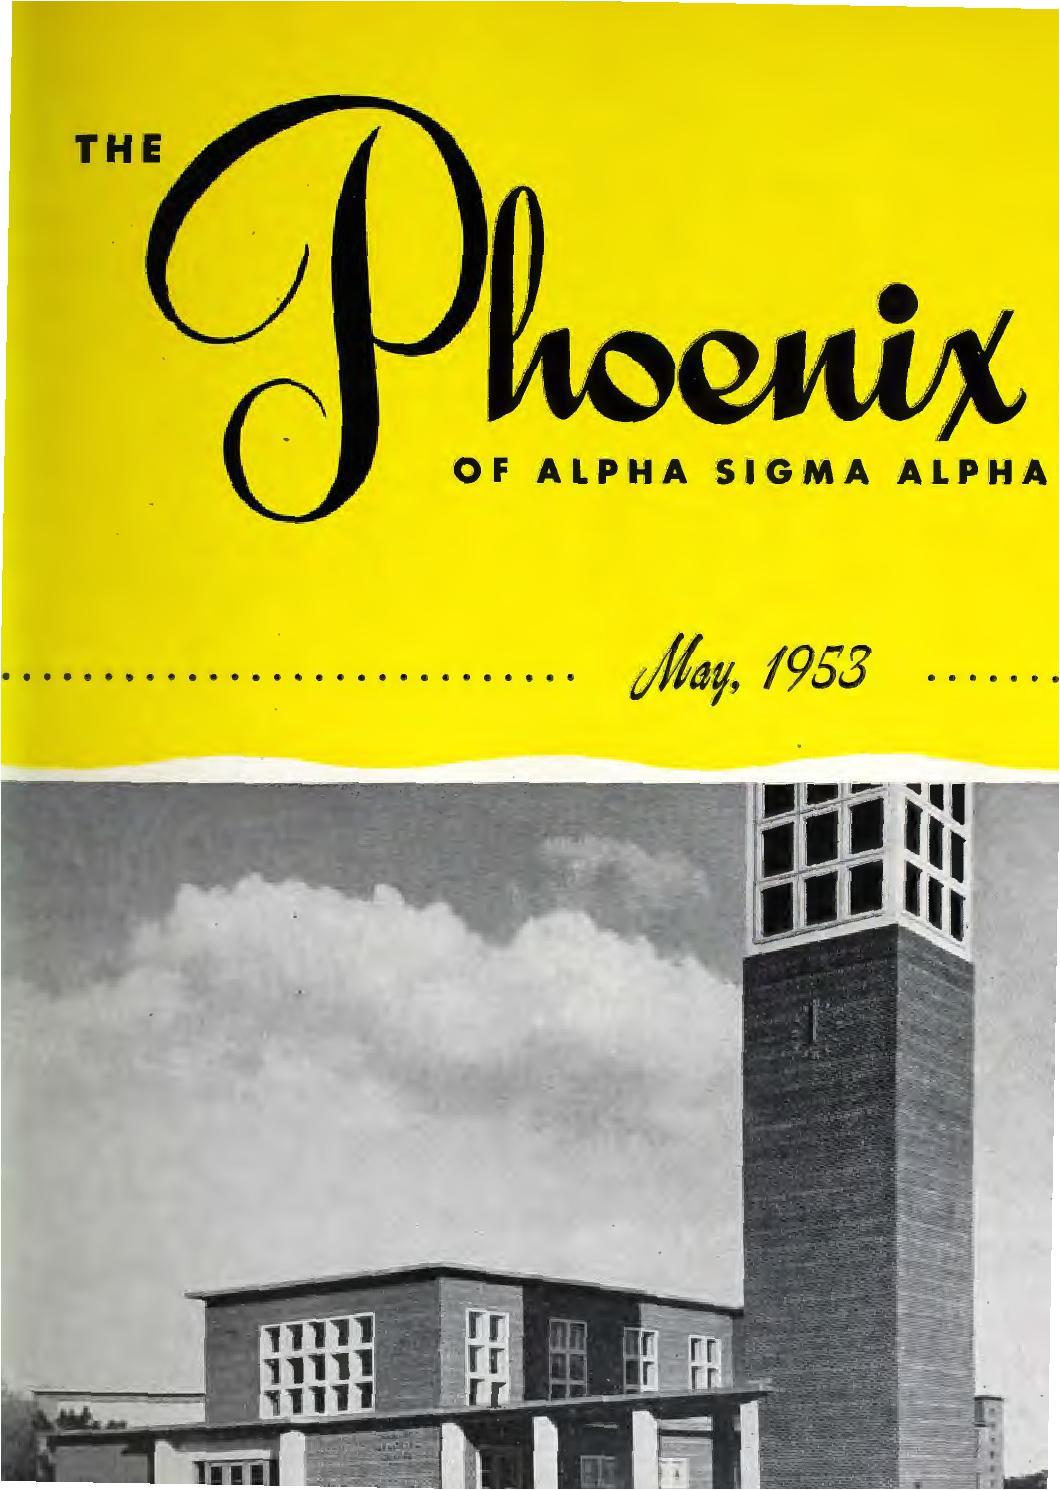 Captain Party Store Roanoke Va asa Phoenix May 1953 by Alpha Sigma Alpha sorority issuu